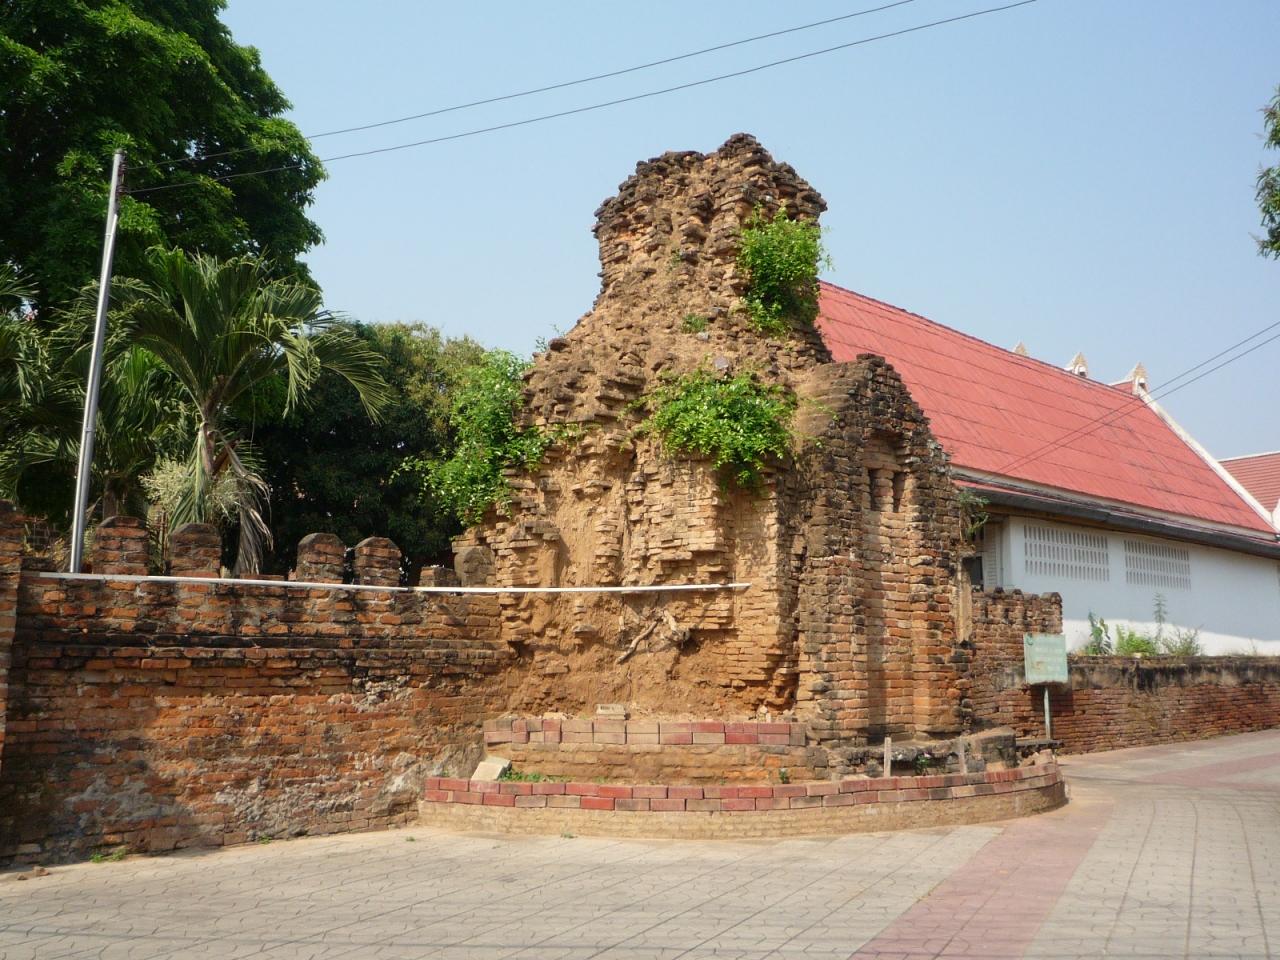 タイ訪問記6 「北タイ紀行4:城壁に囲まれ...